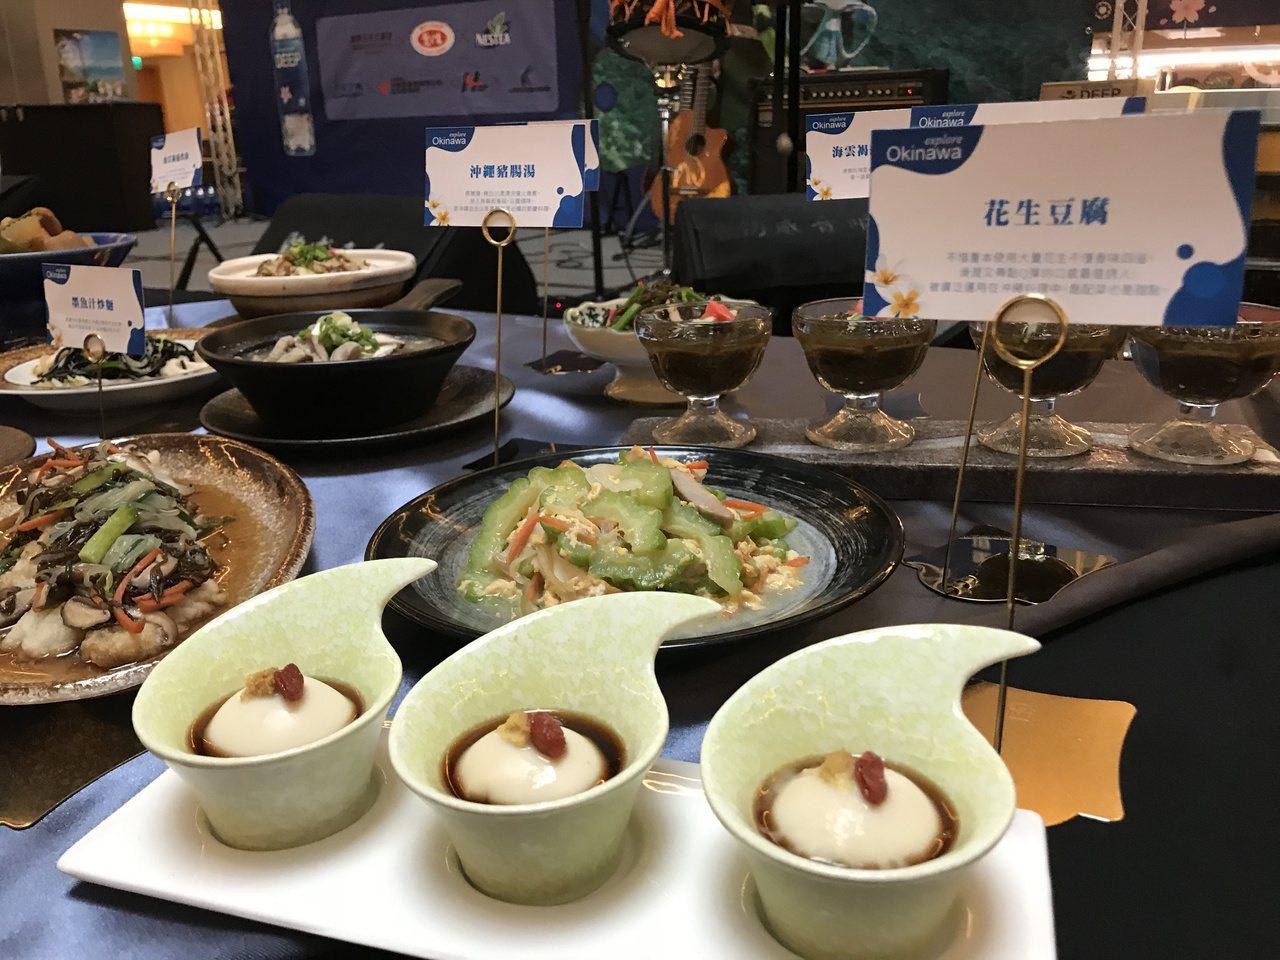 嘉義市耐斯王子大飯店即日起推出為期兩週的沖繩美食祭,推出豬肉炒苦瓜島豆腐、煨煮昆...